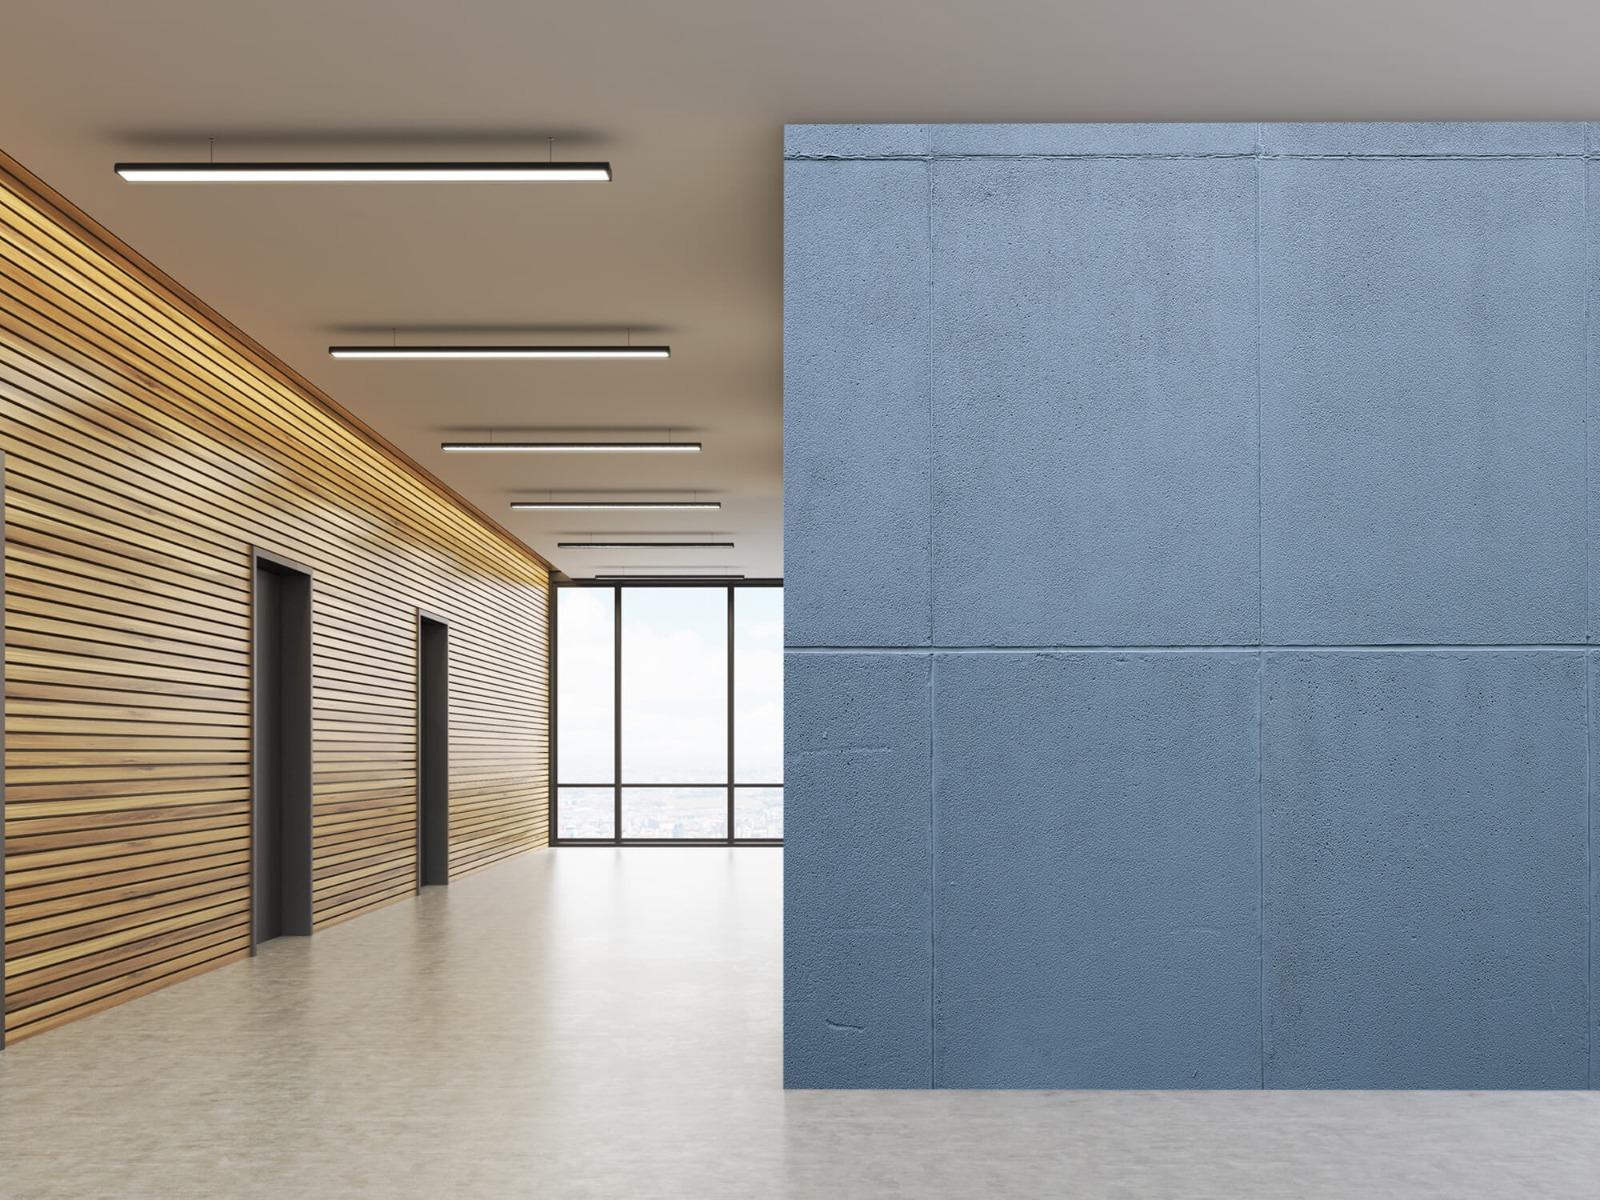 Betonlook behang - Geschilderde betonnen platen - Kantoor 10